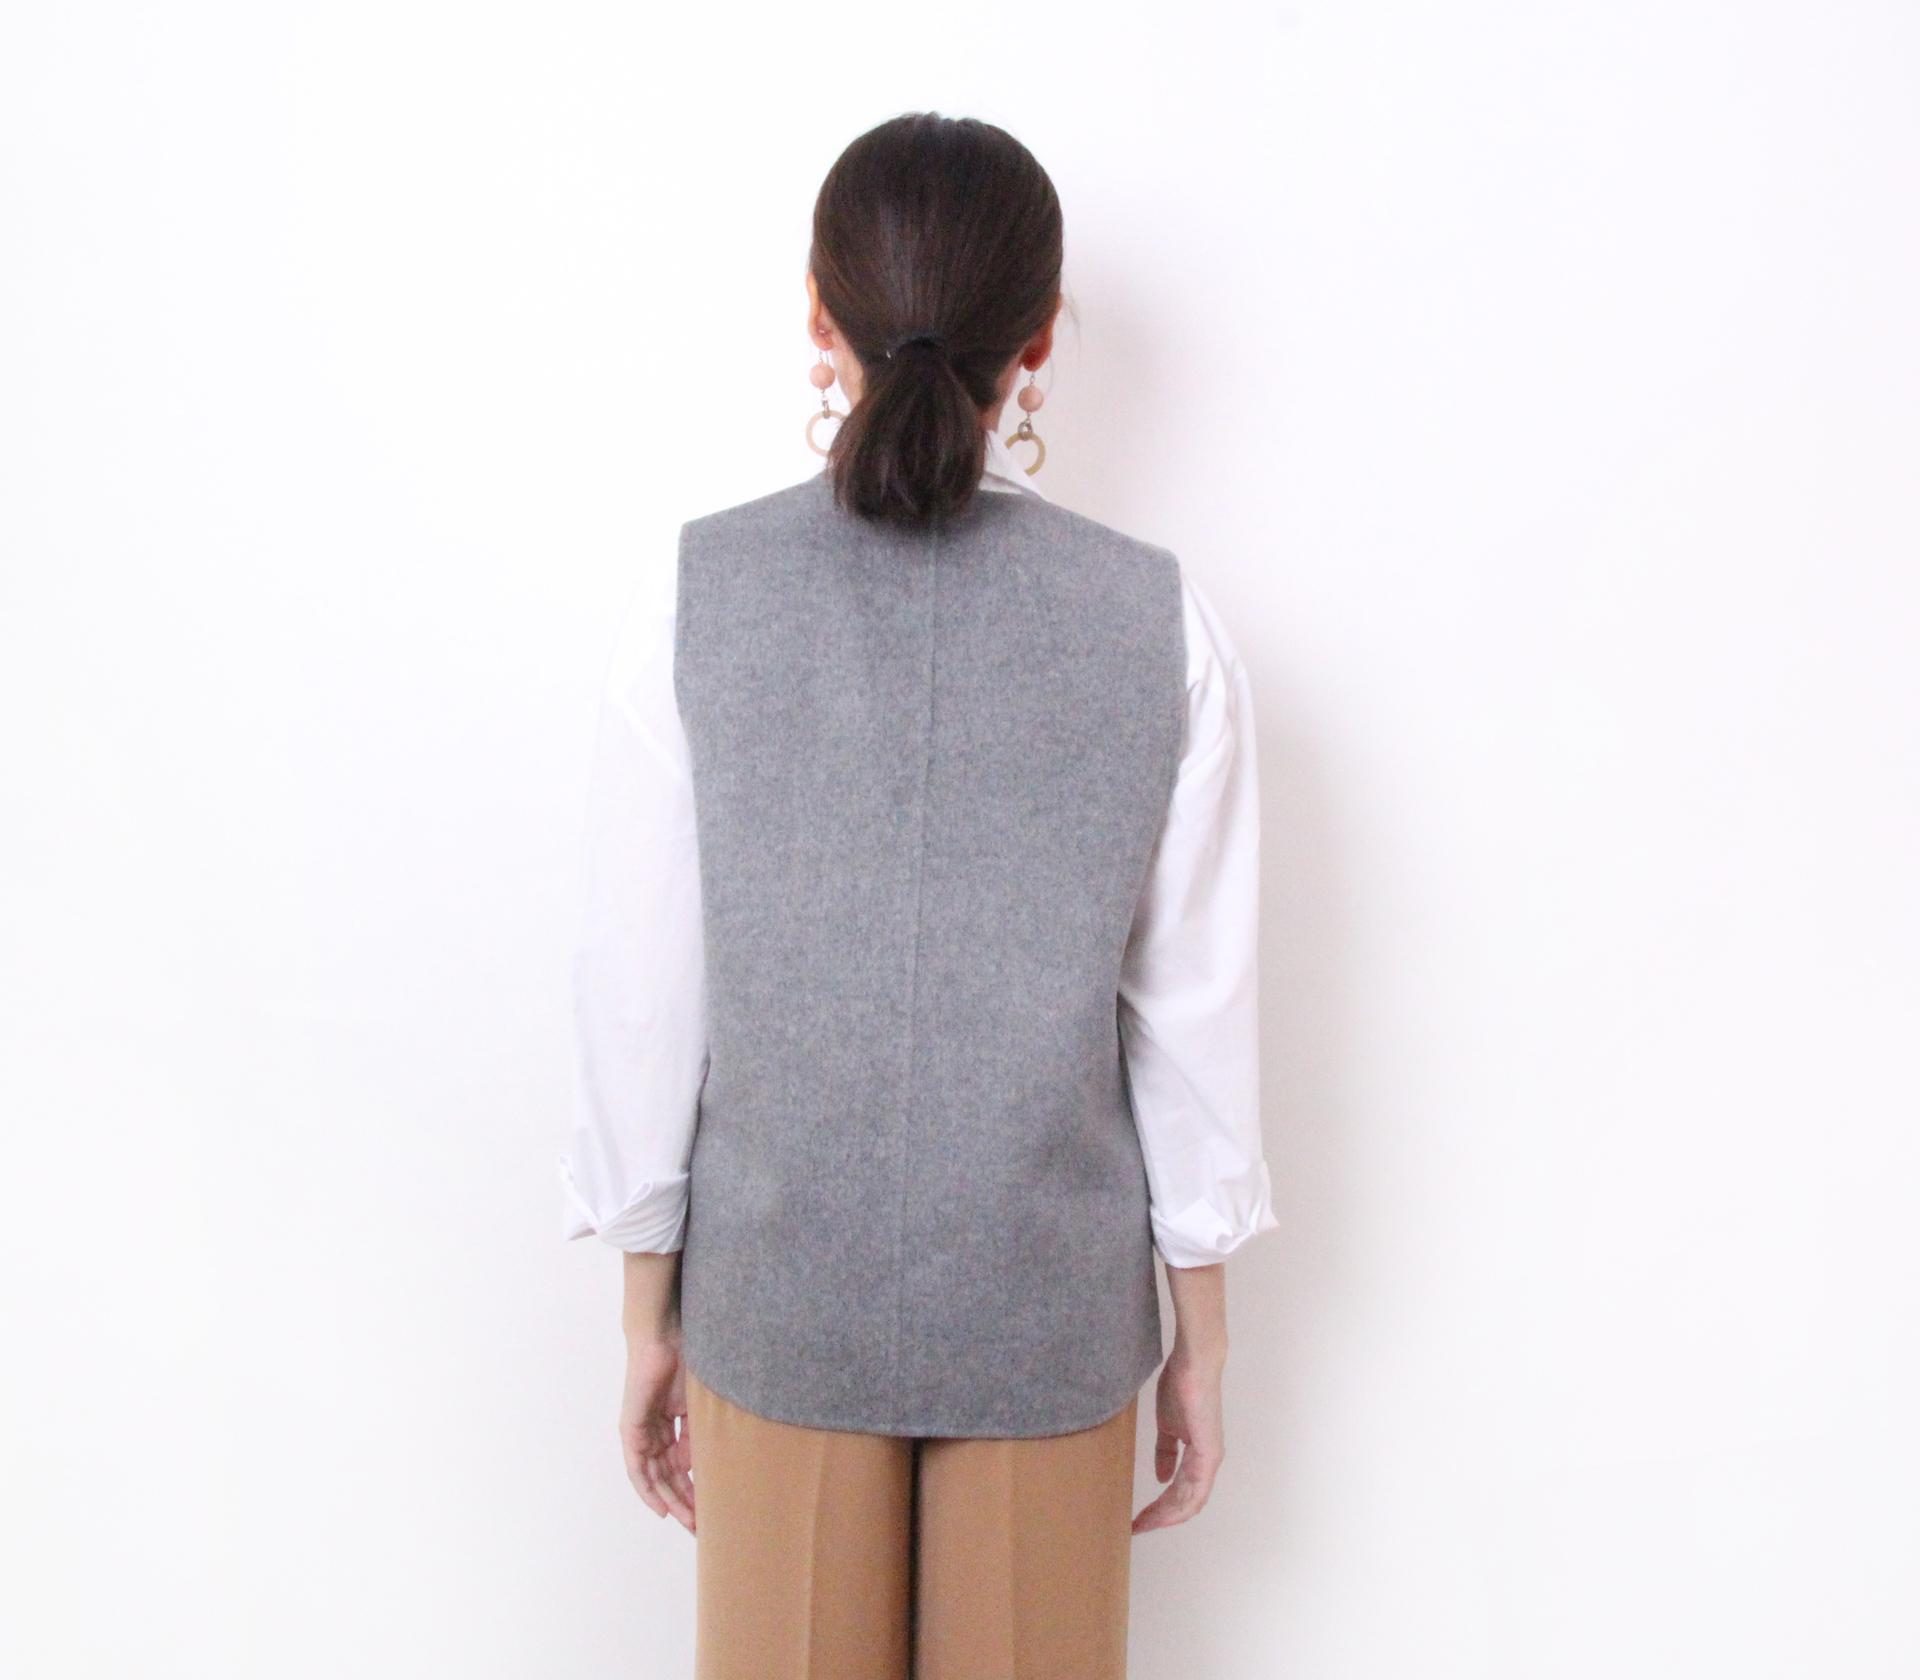 闕蘭絹簡約版短版羊毛背心-灰色-291-1